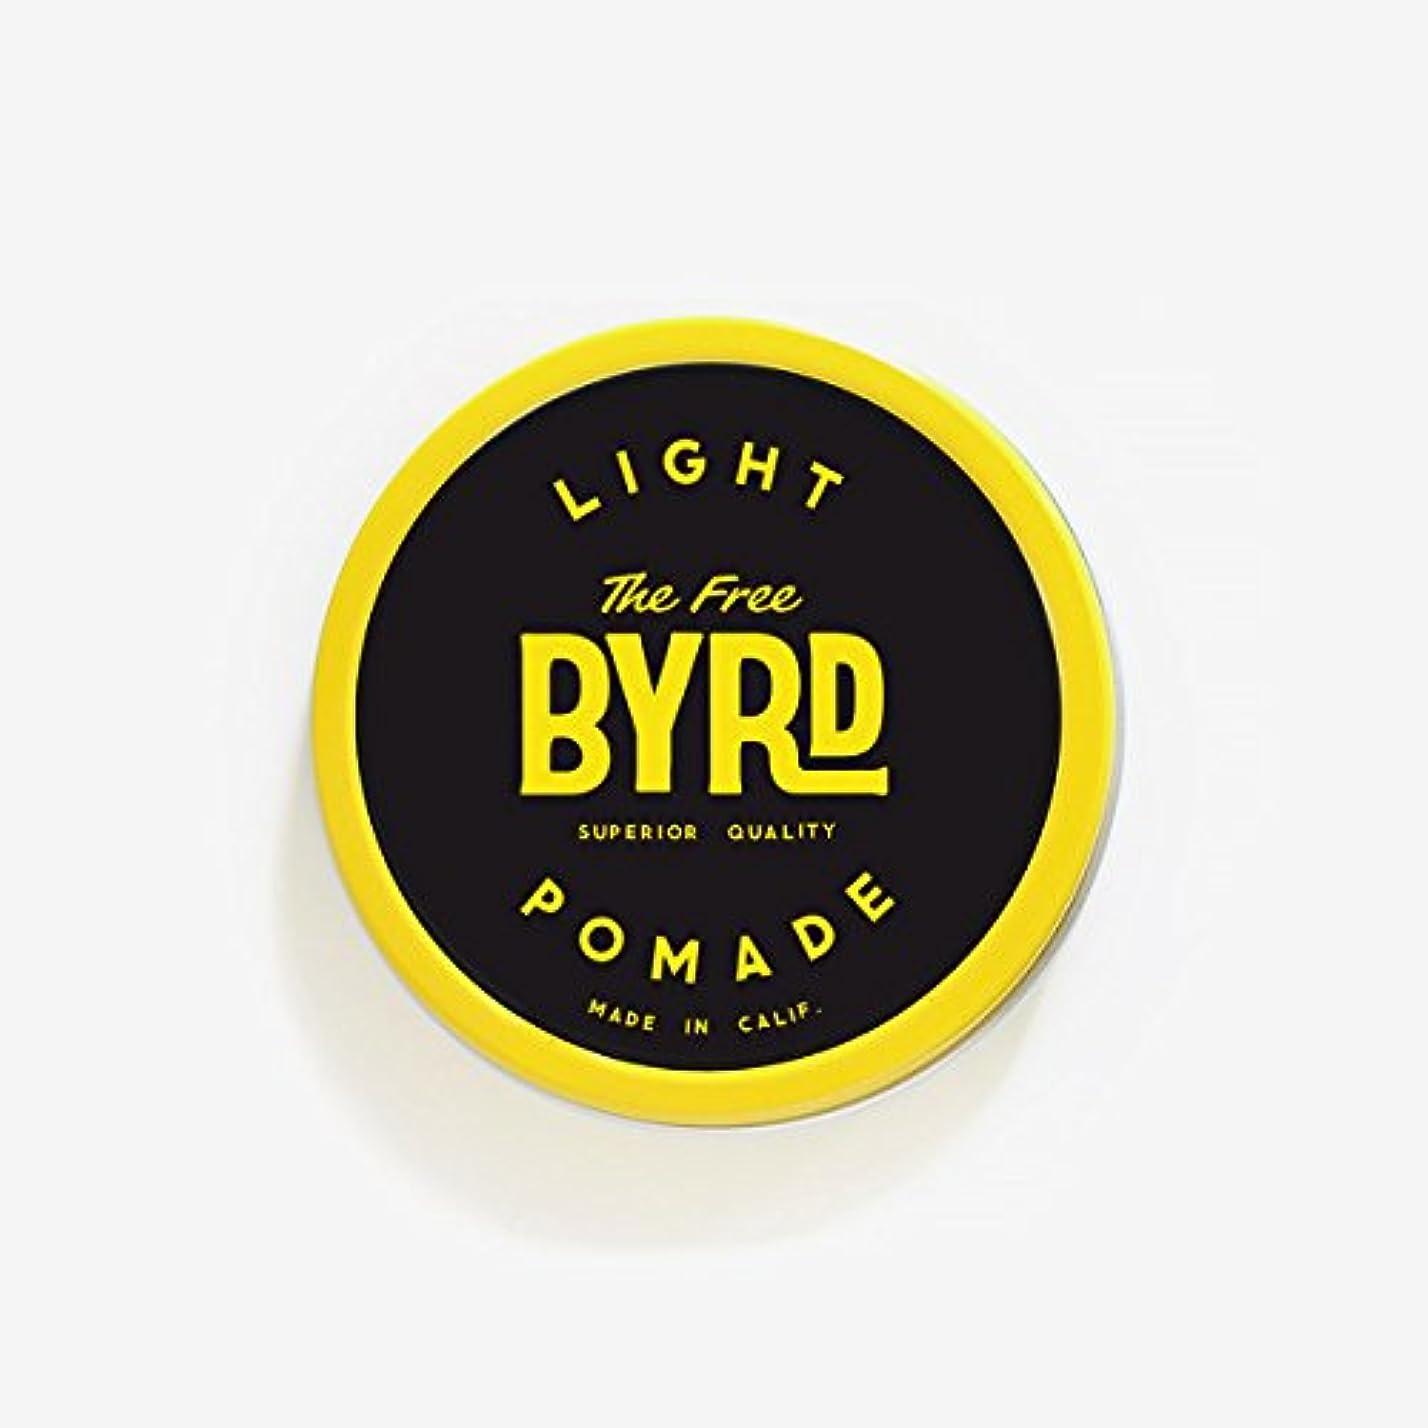 地区可動オープニングバード(BYRD) カリフォルニア発ポマード288 LIGHT POMADE SMALL(スモールサイズ)ライトスタイルヘアワックスヘアスタイリング剤耐水性香料メンズ/レディース 【LIGHT】SMALL